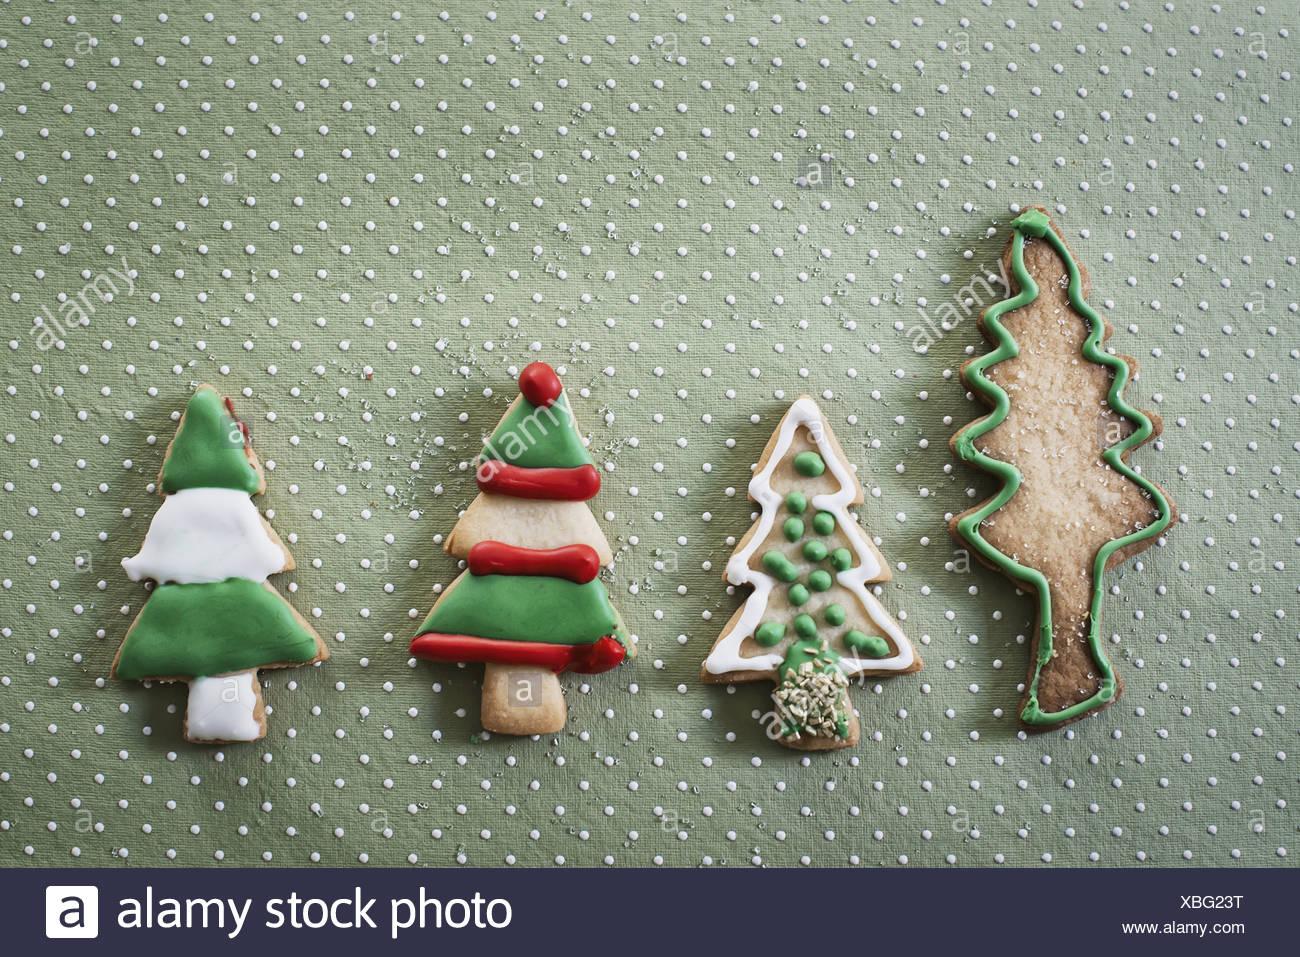 Christmas Like Stock Photos & Christmas Like Stock Images - Alamy